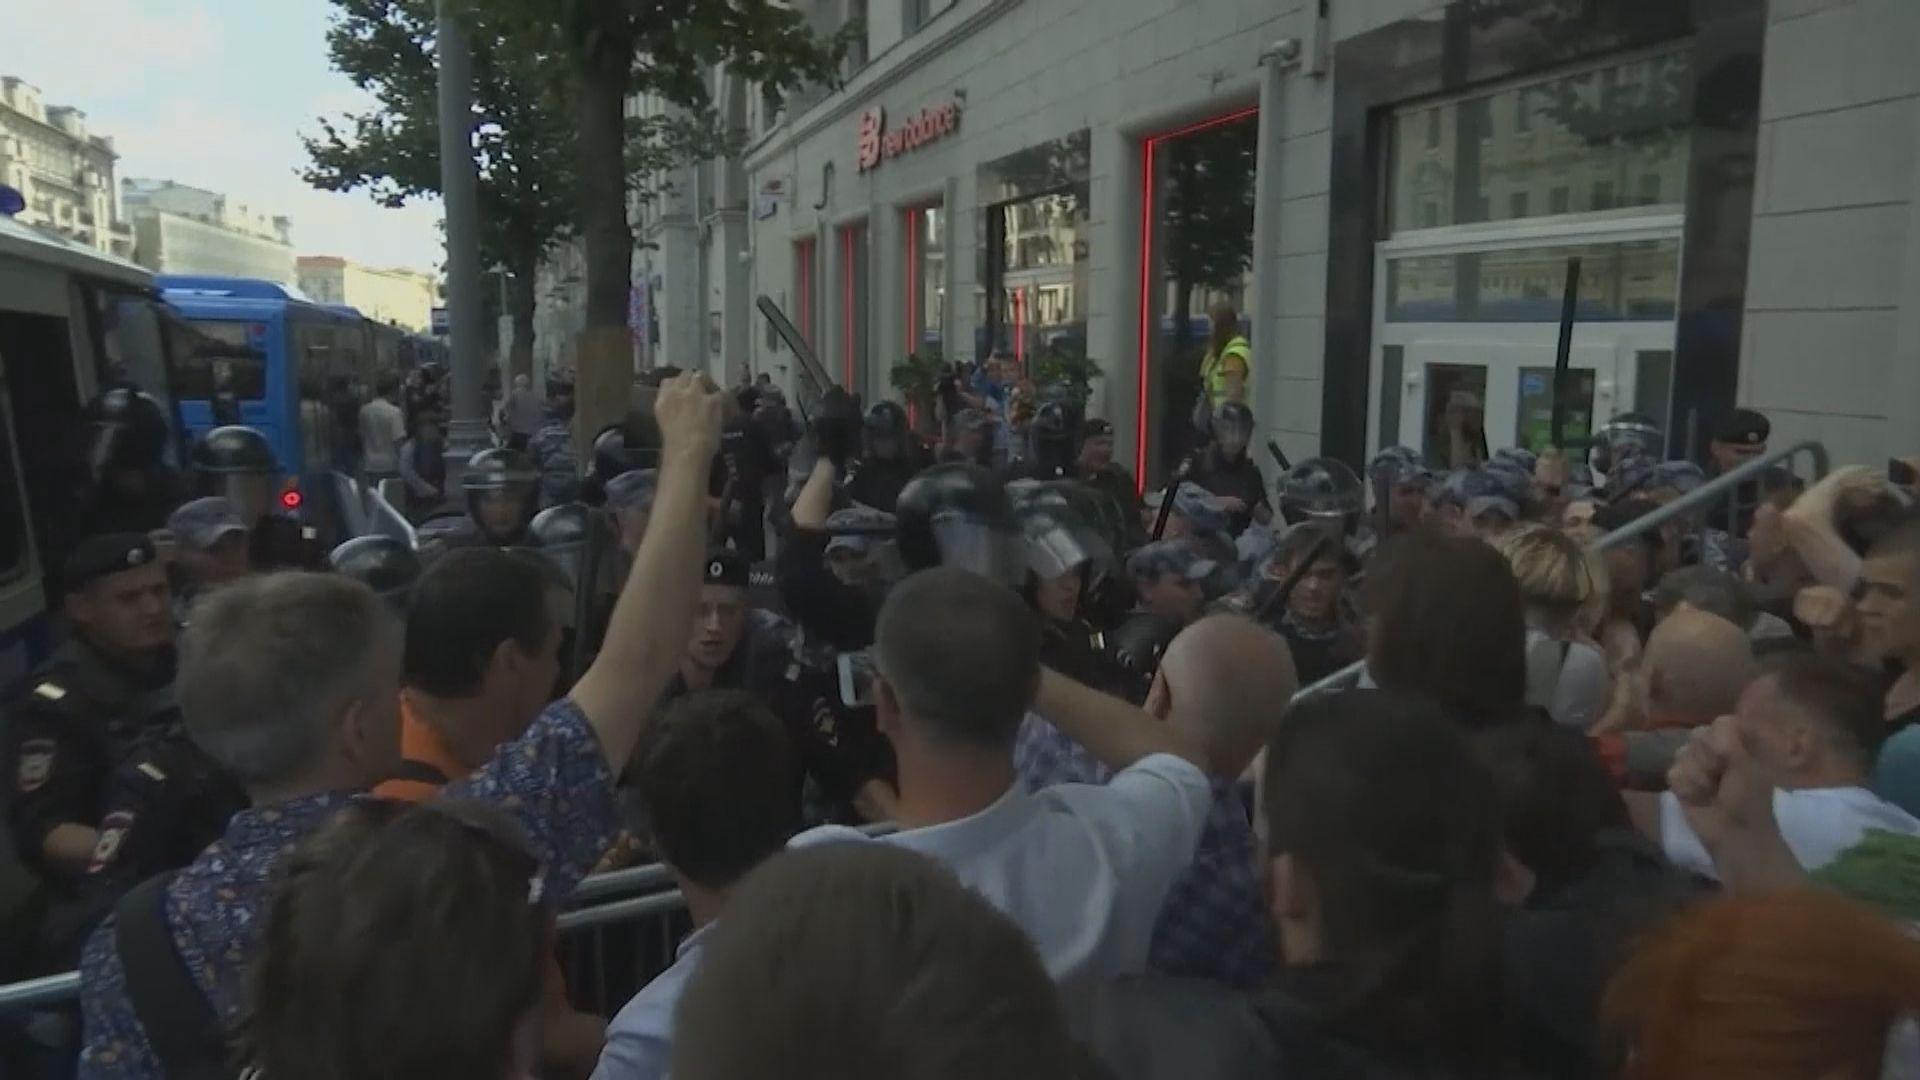 俄羅斯將周末示威定性暴亂 展開刑事調查